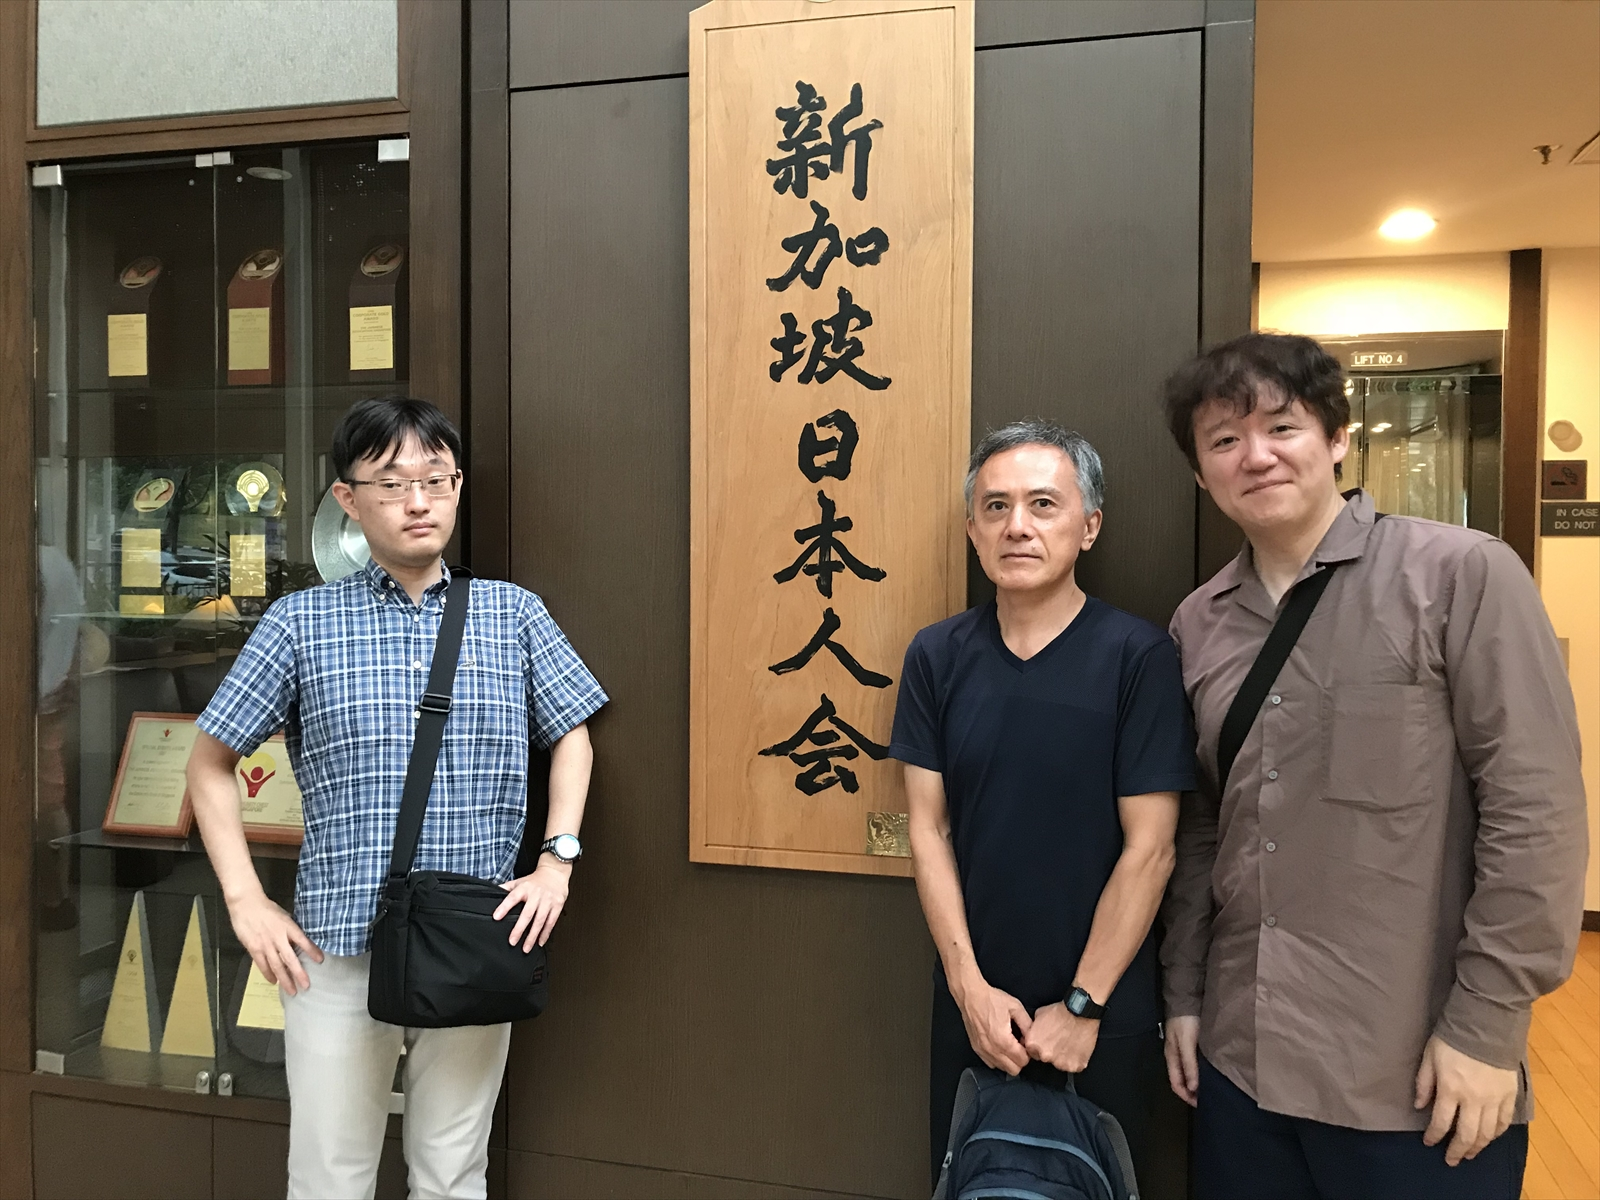 会場となったシンガポール日本人会